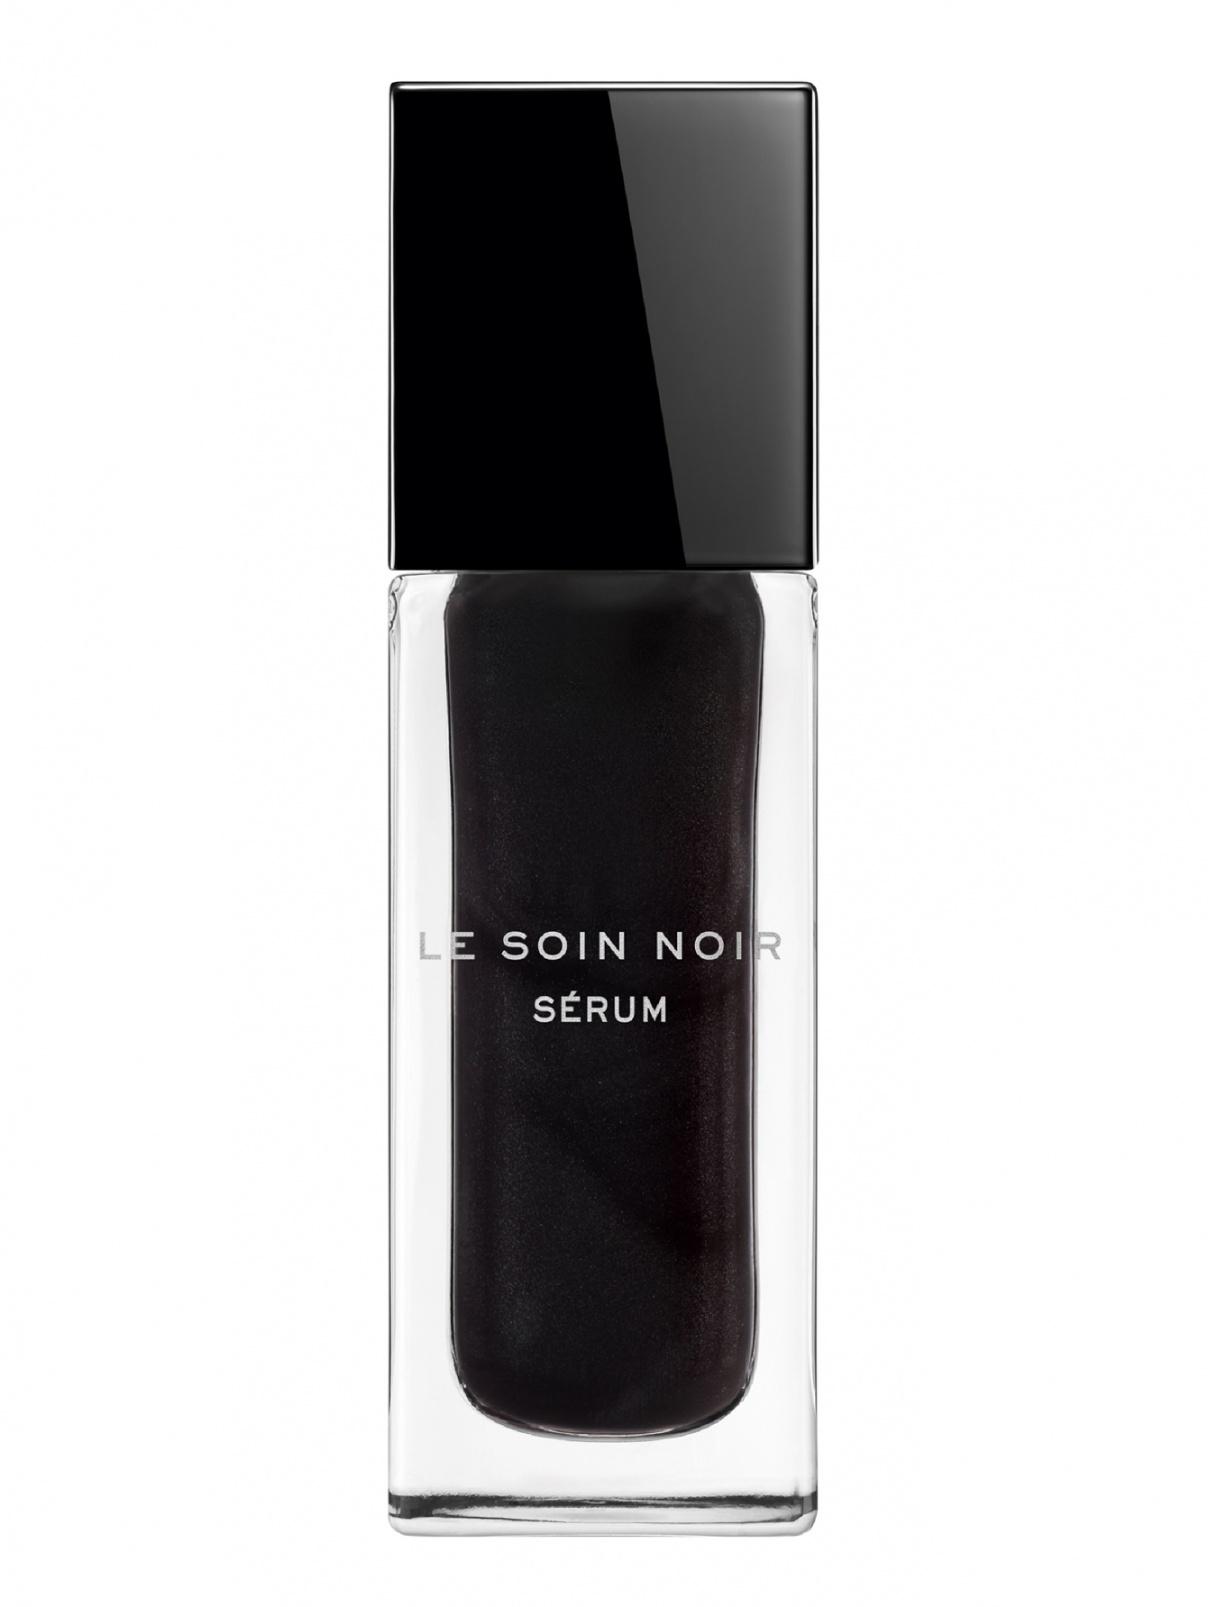 Омолаживающая сыворотка для лица LE SOIN NOIR, 30 мл Givenchy  –  Общий вид